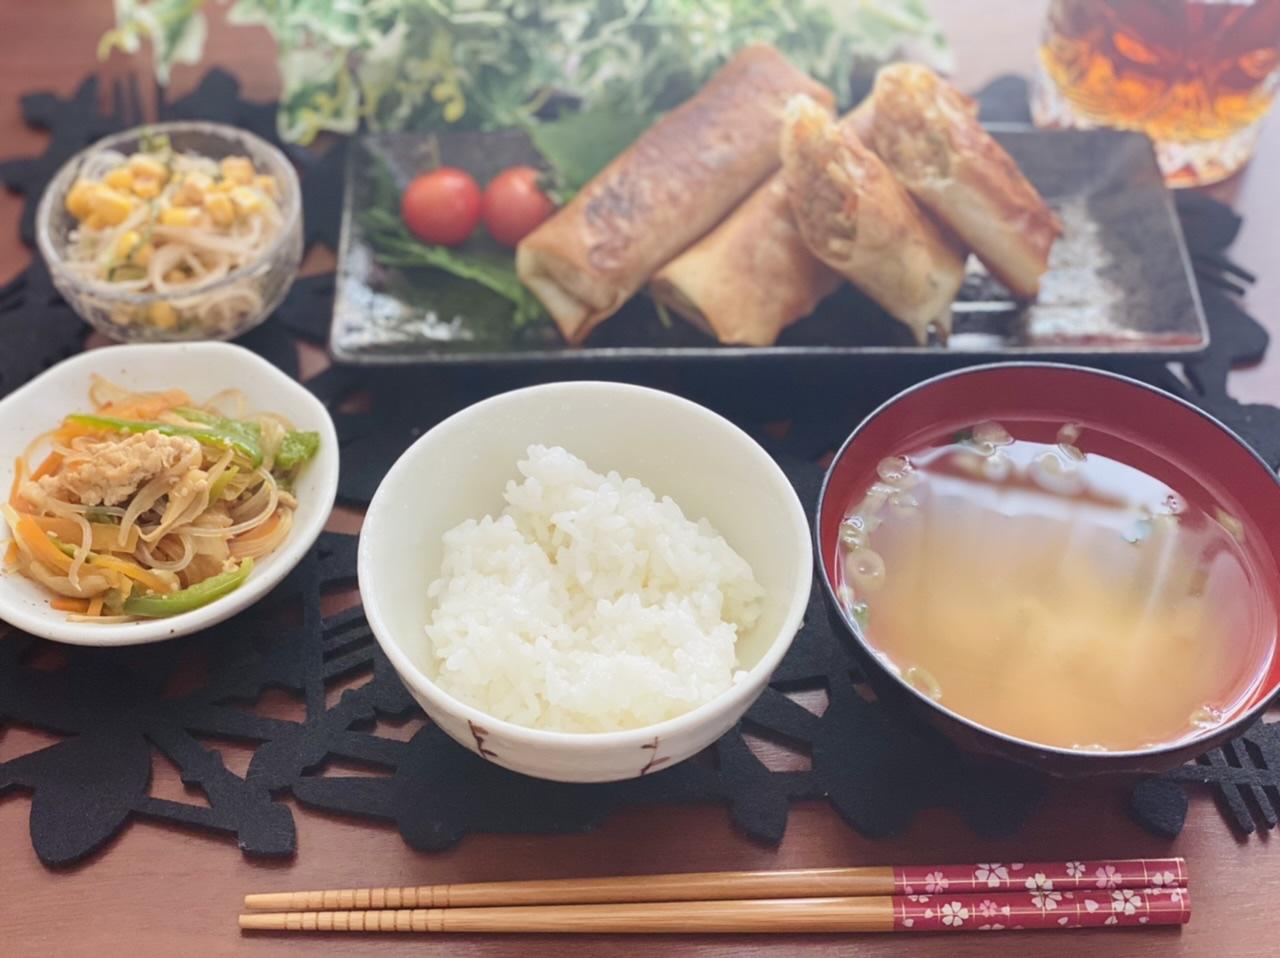 【今月のお家ごはん】アラサー女子の食卓!作り置きおかずでラク晩ご飯♡-Vol.25-_3